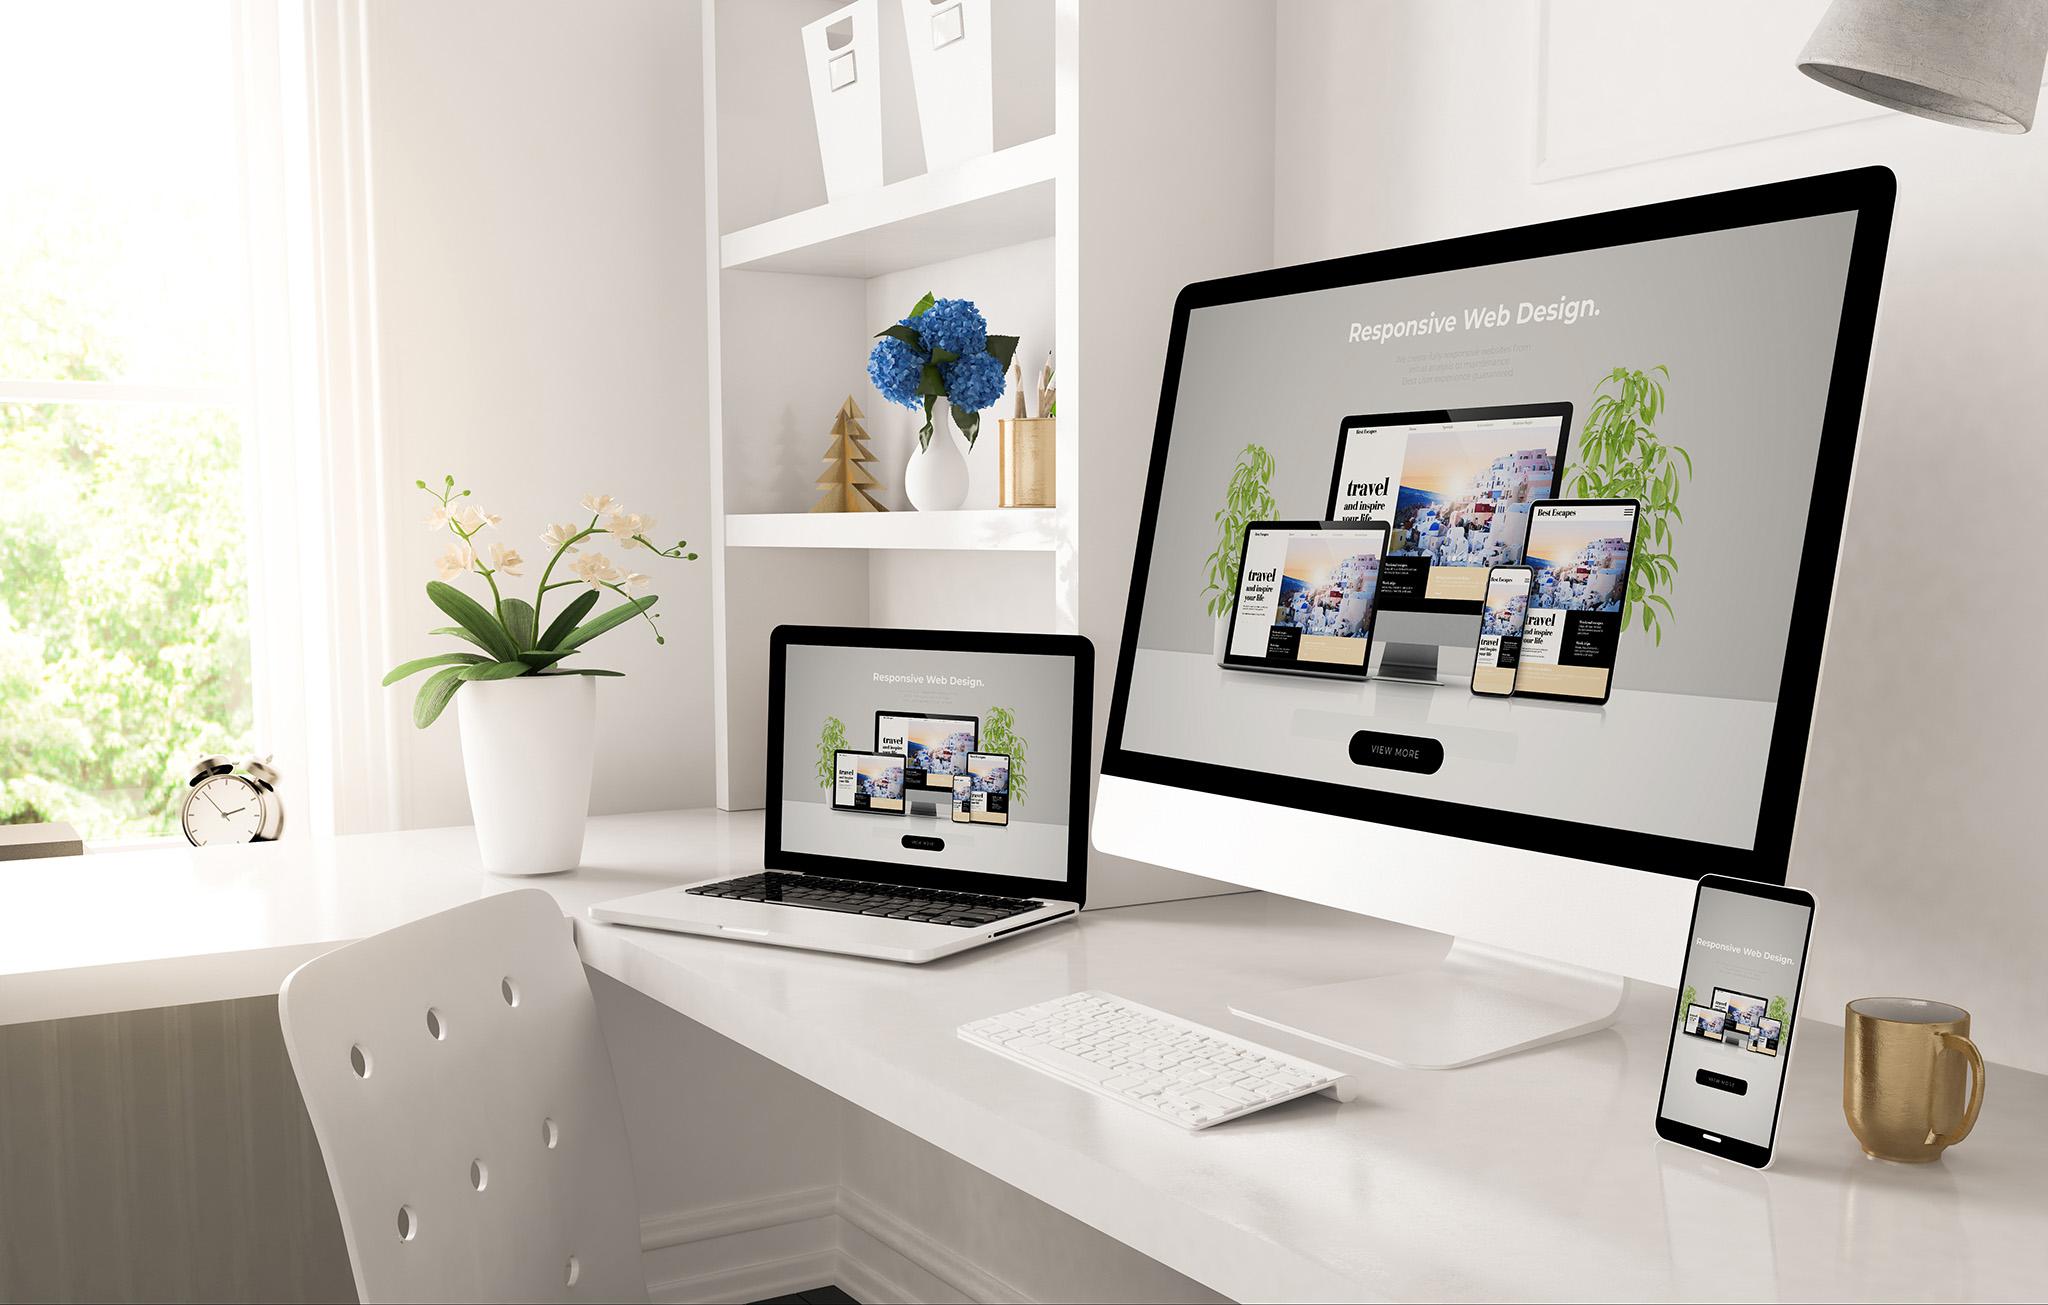 Responsivt design - Wittusen & Jensen